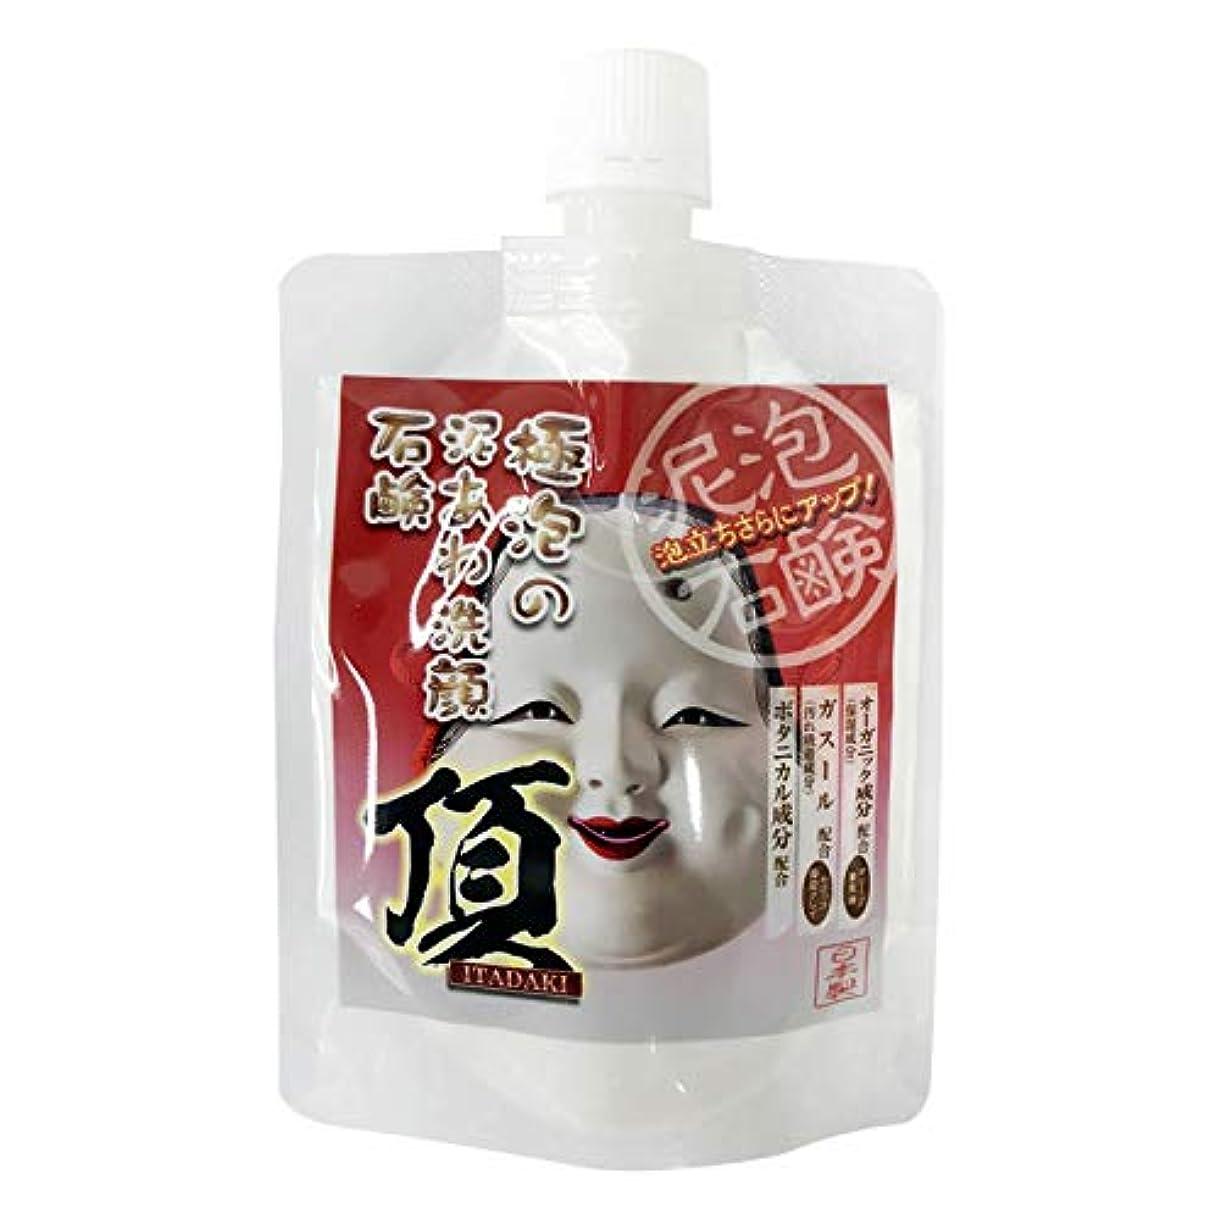 法的こどもセンタージョブ極泡の泥あわ洗顔石鹸 頂 130g ガスール 豆乳 ボタニカル 酒粕 エキス配合